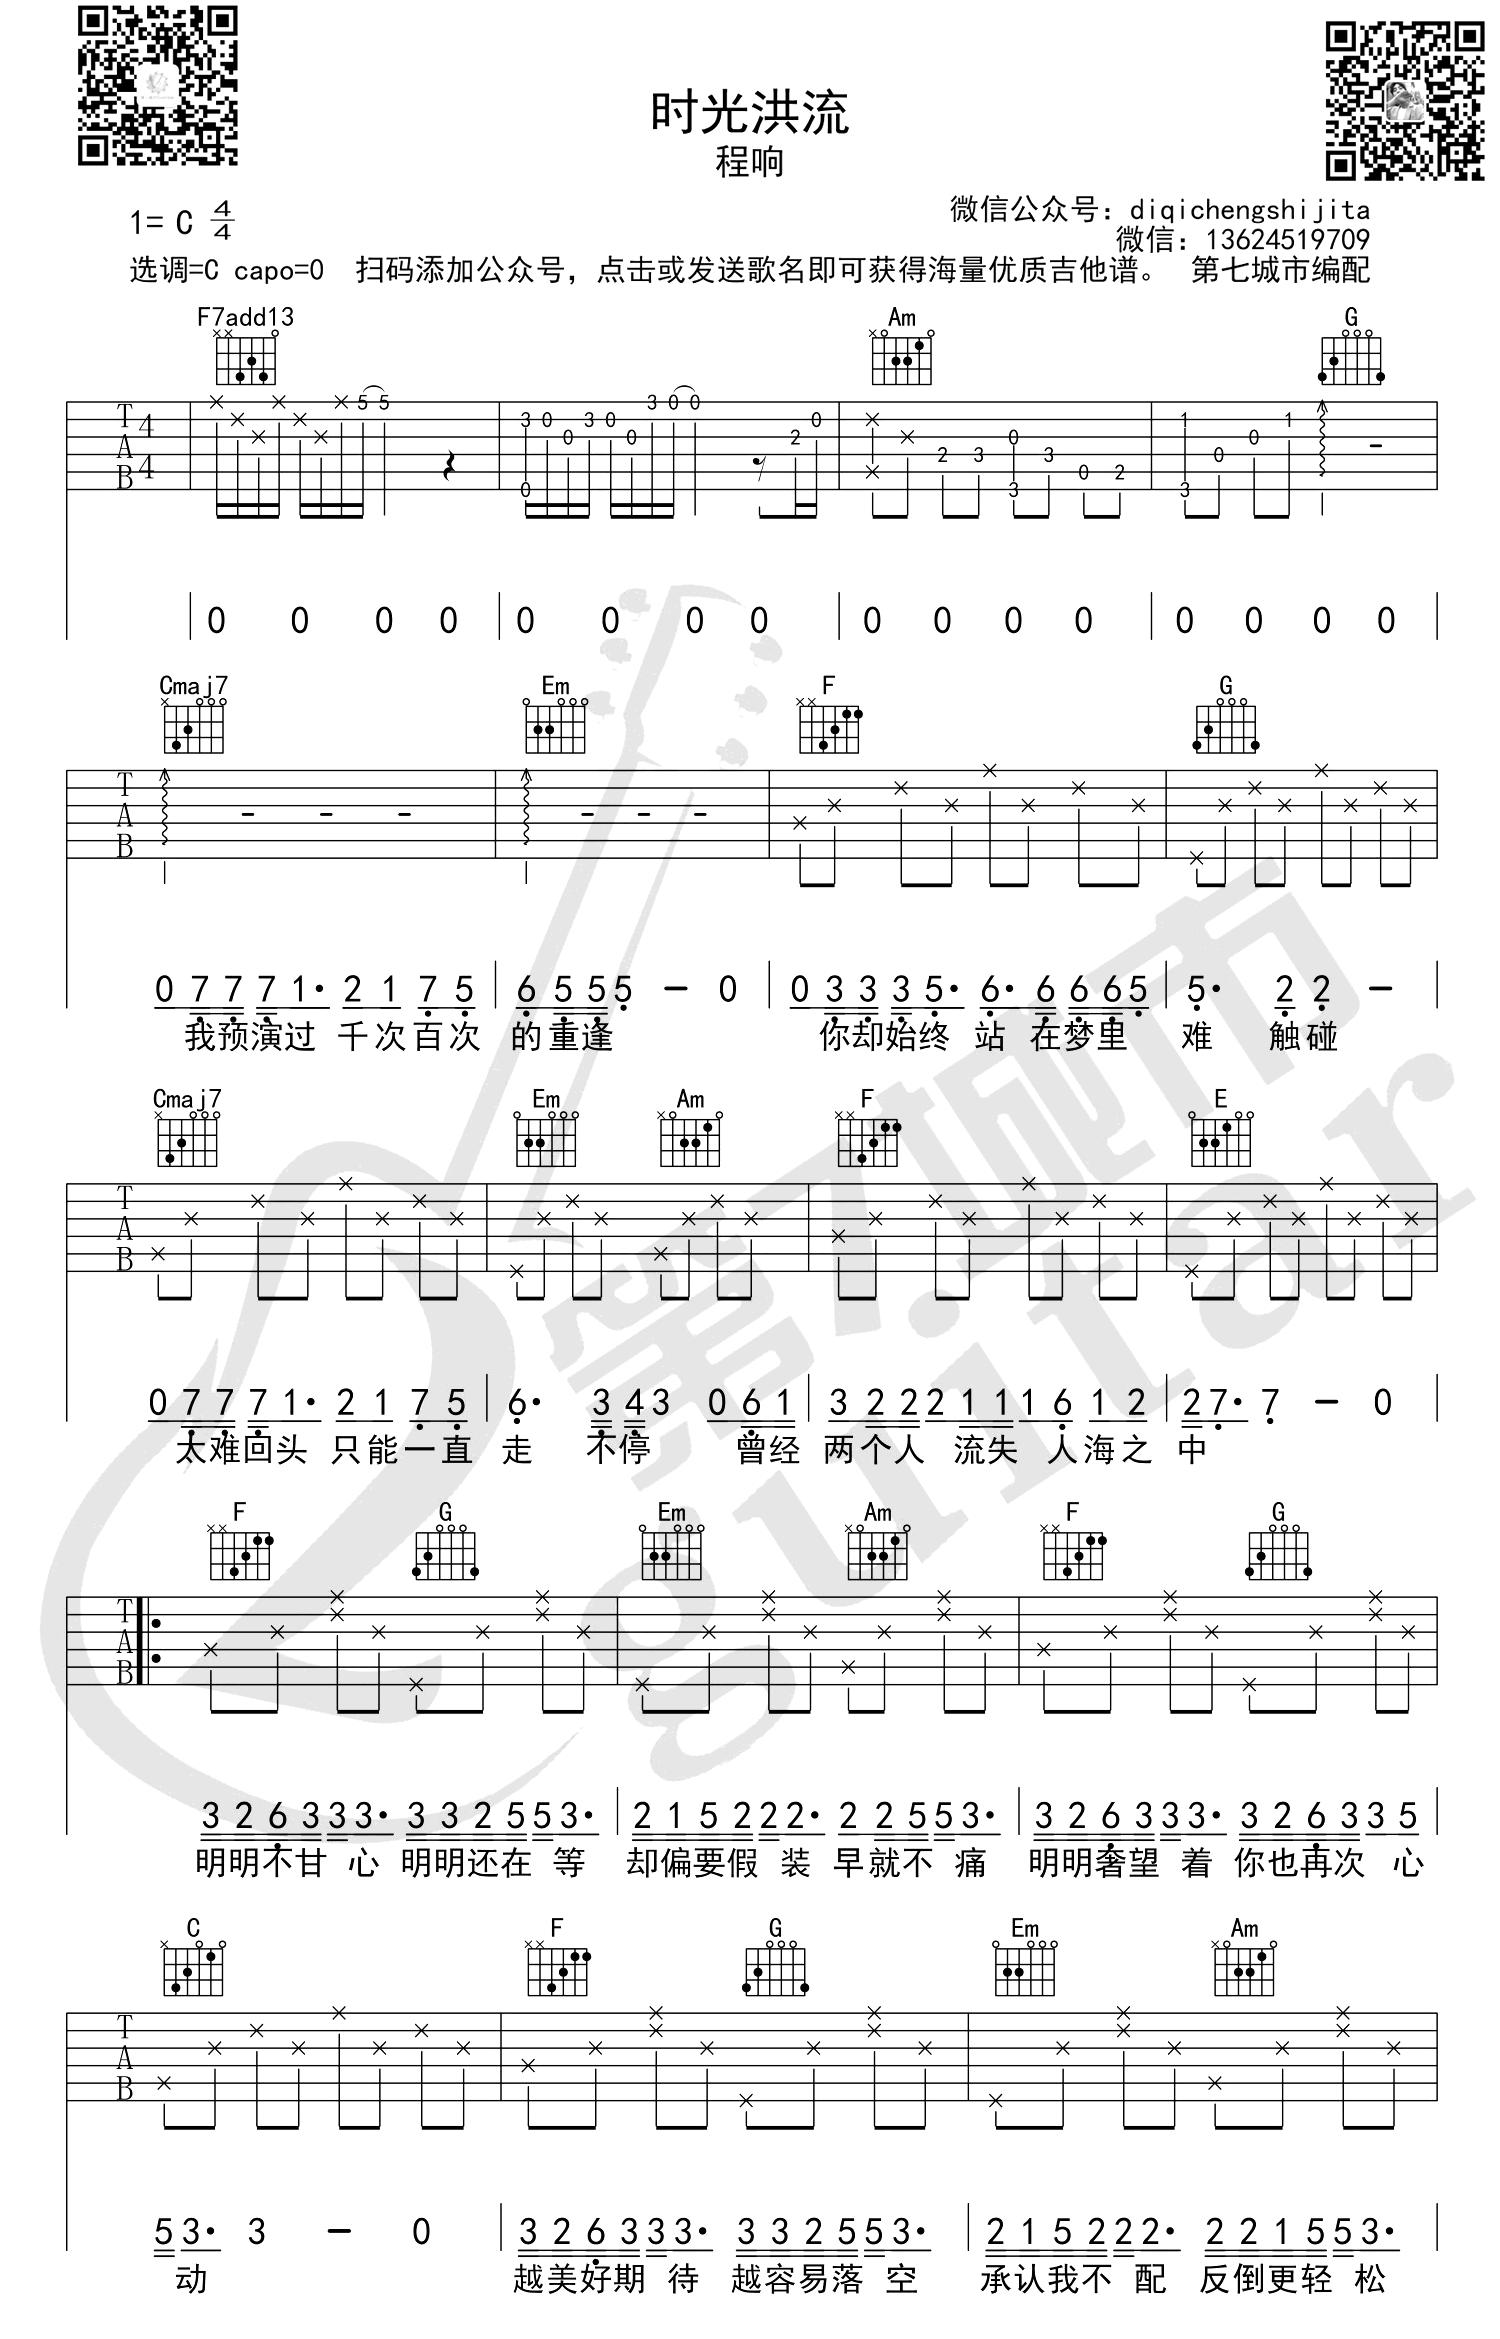 程响-时光洪流吉他谱-吉他帮-1